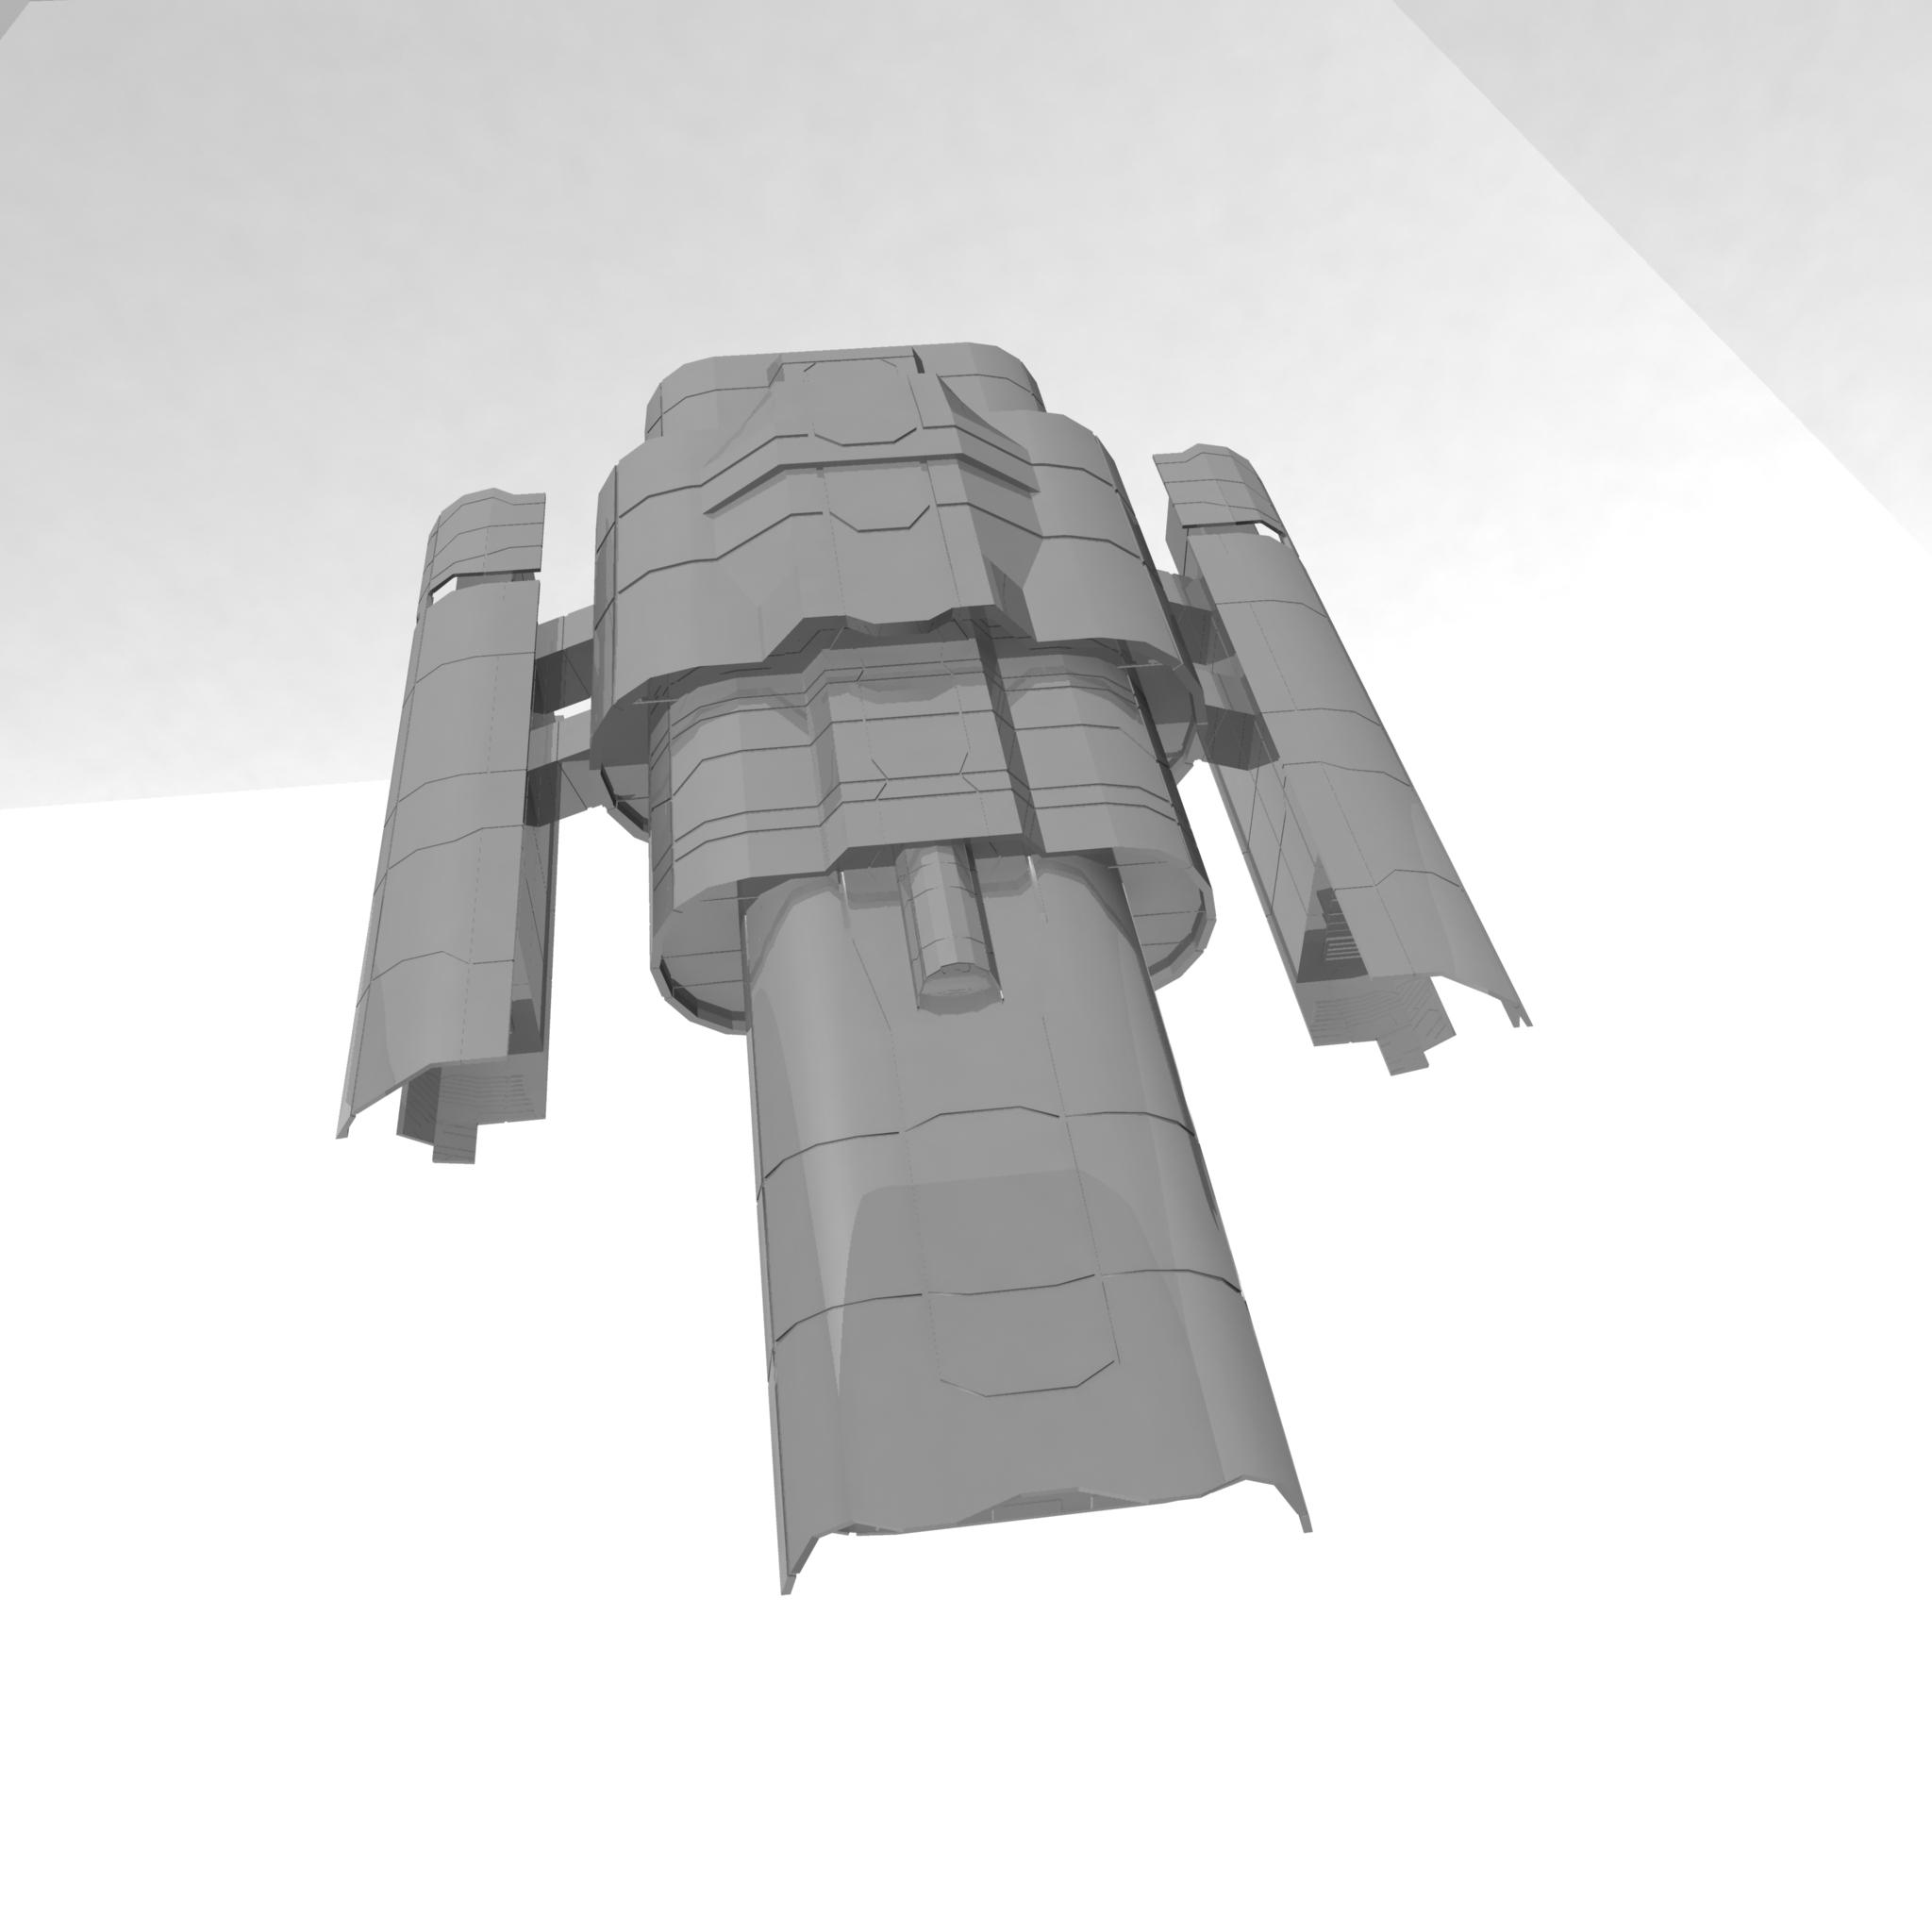 rhea wip render 1